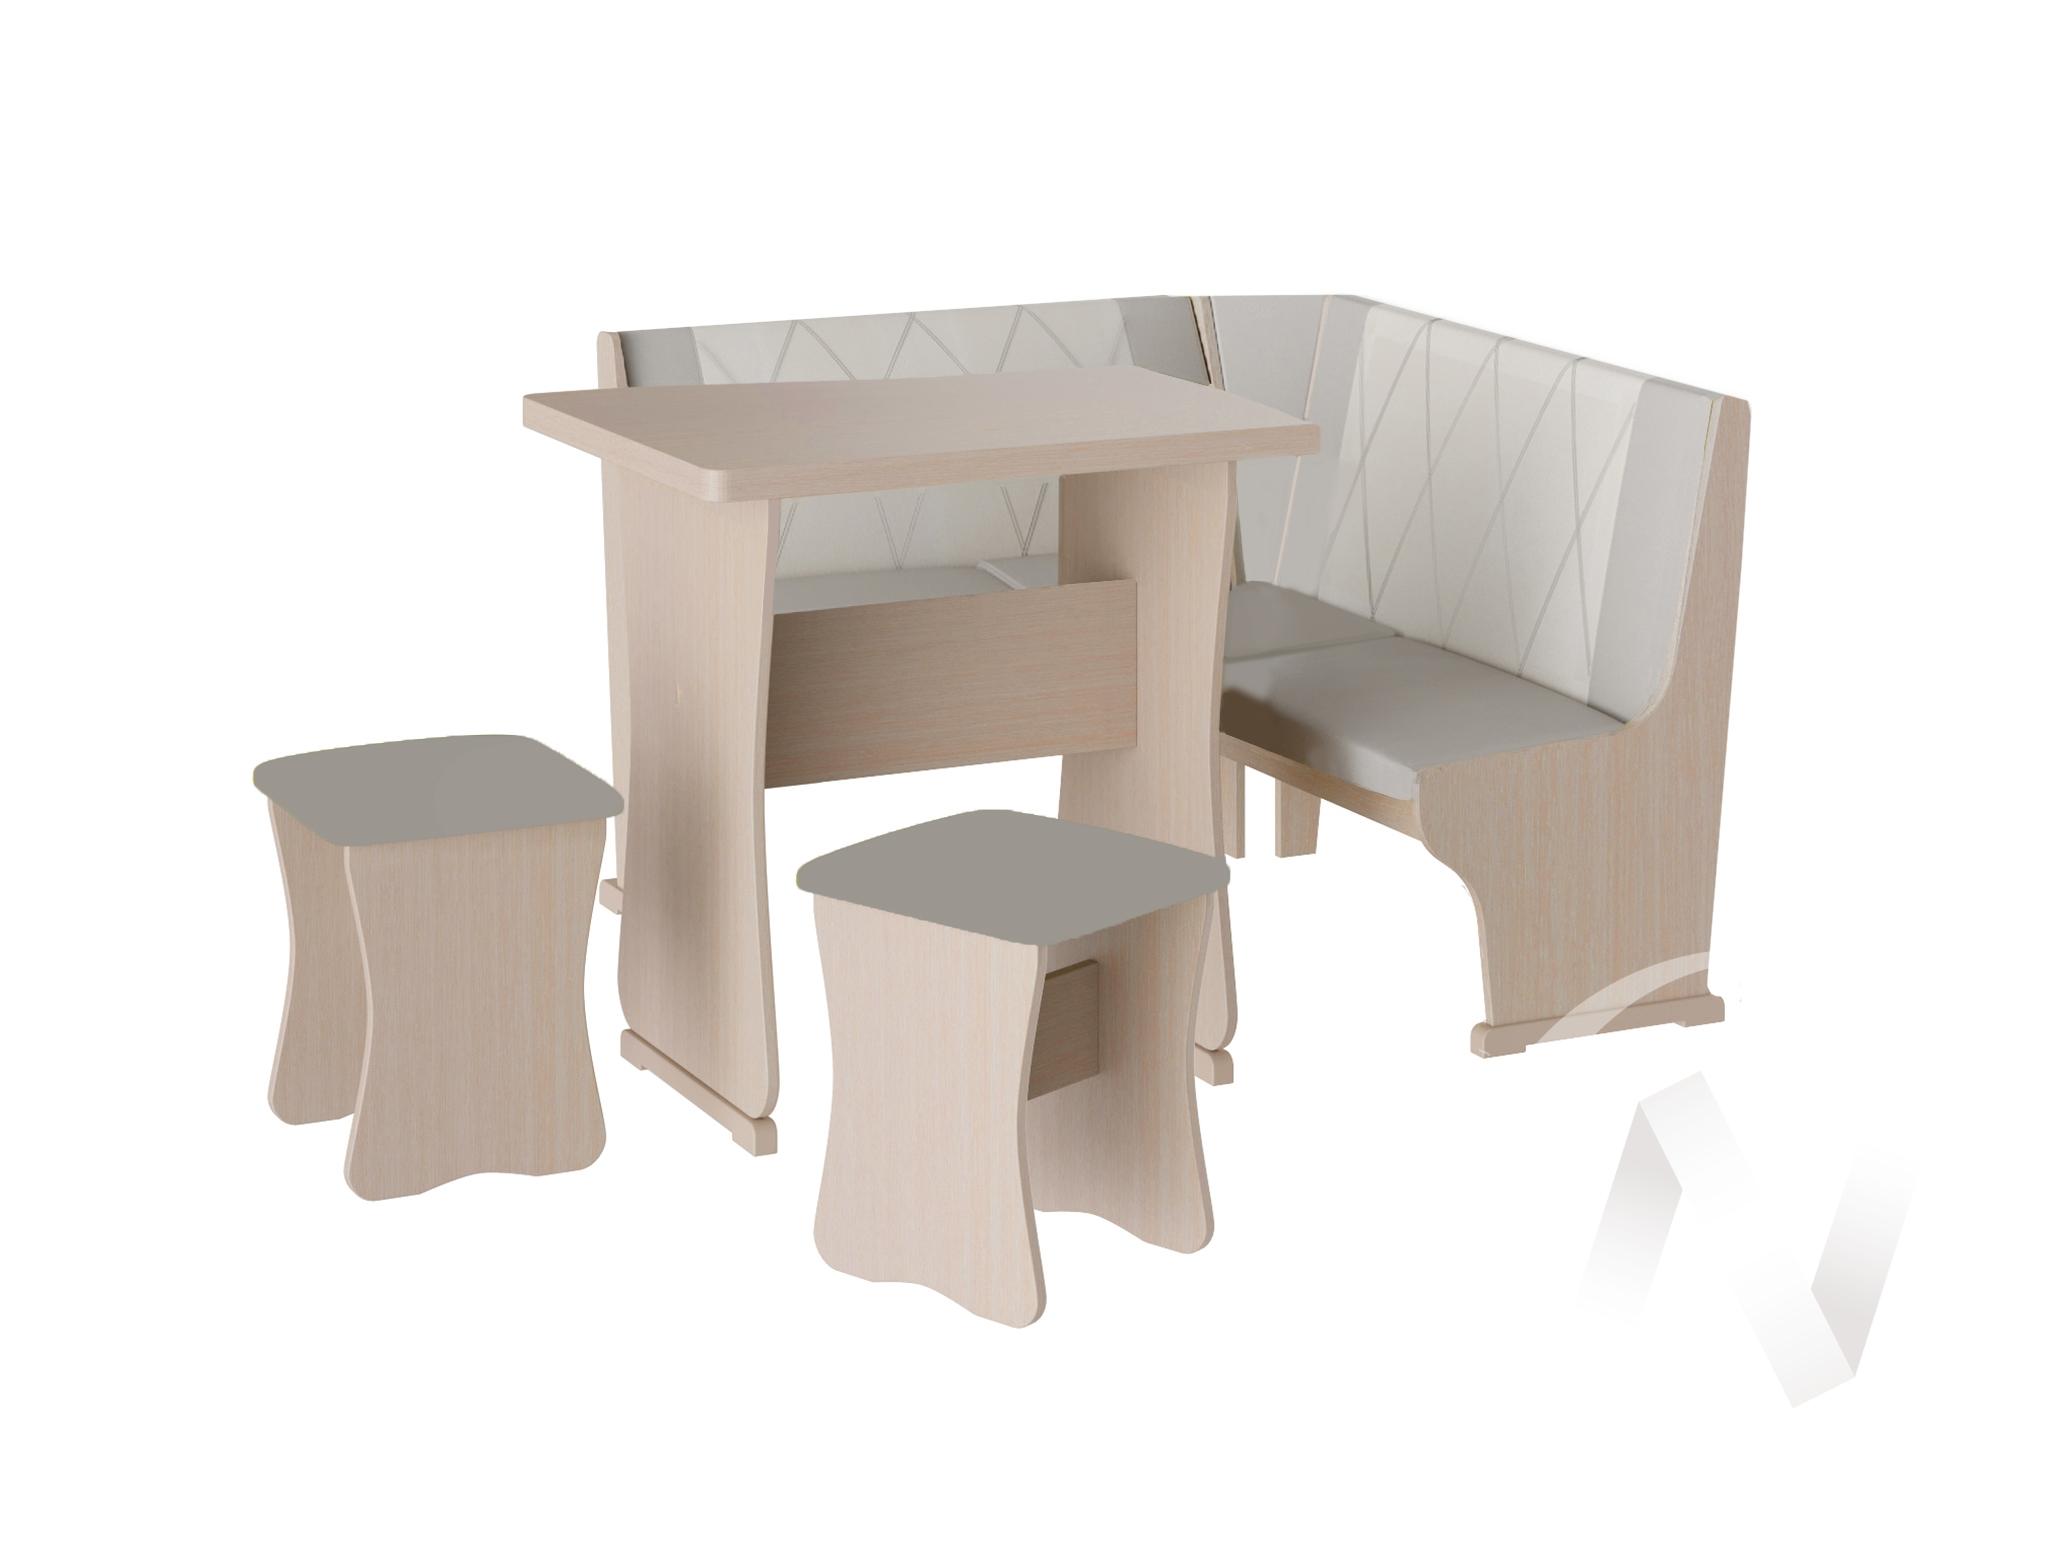 Кухонный уголок Гамма мини тип 2 кожзам (дуб молочный/серый,белый)  в Томске — интернет магазин МИРА-мебель